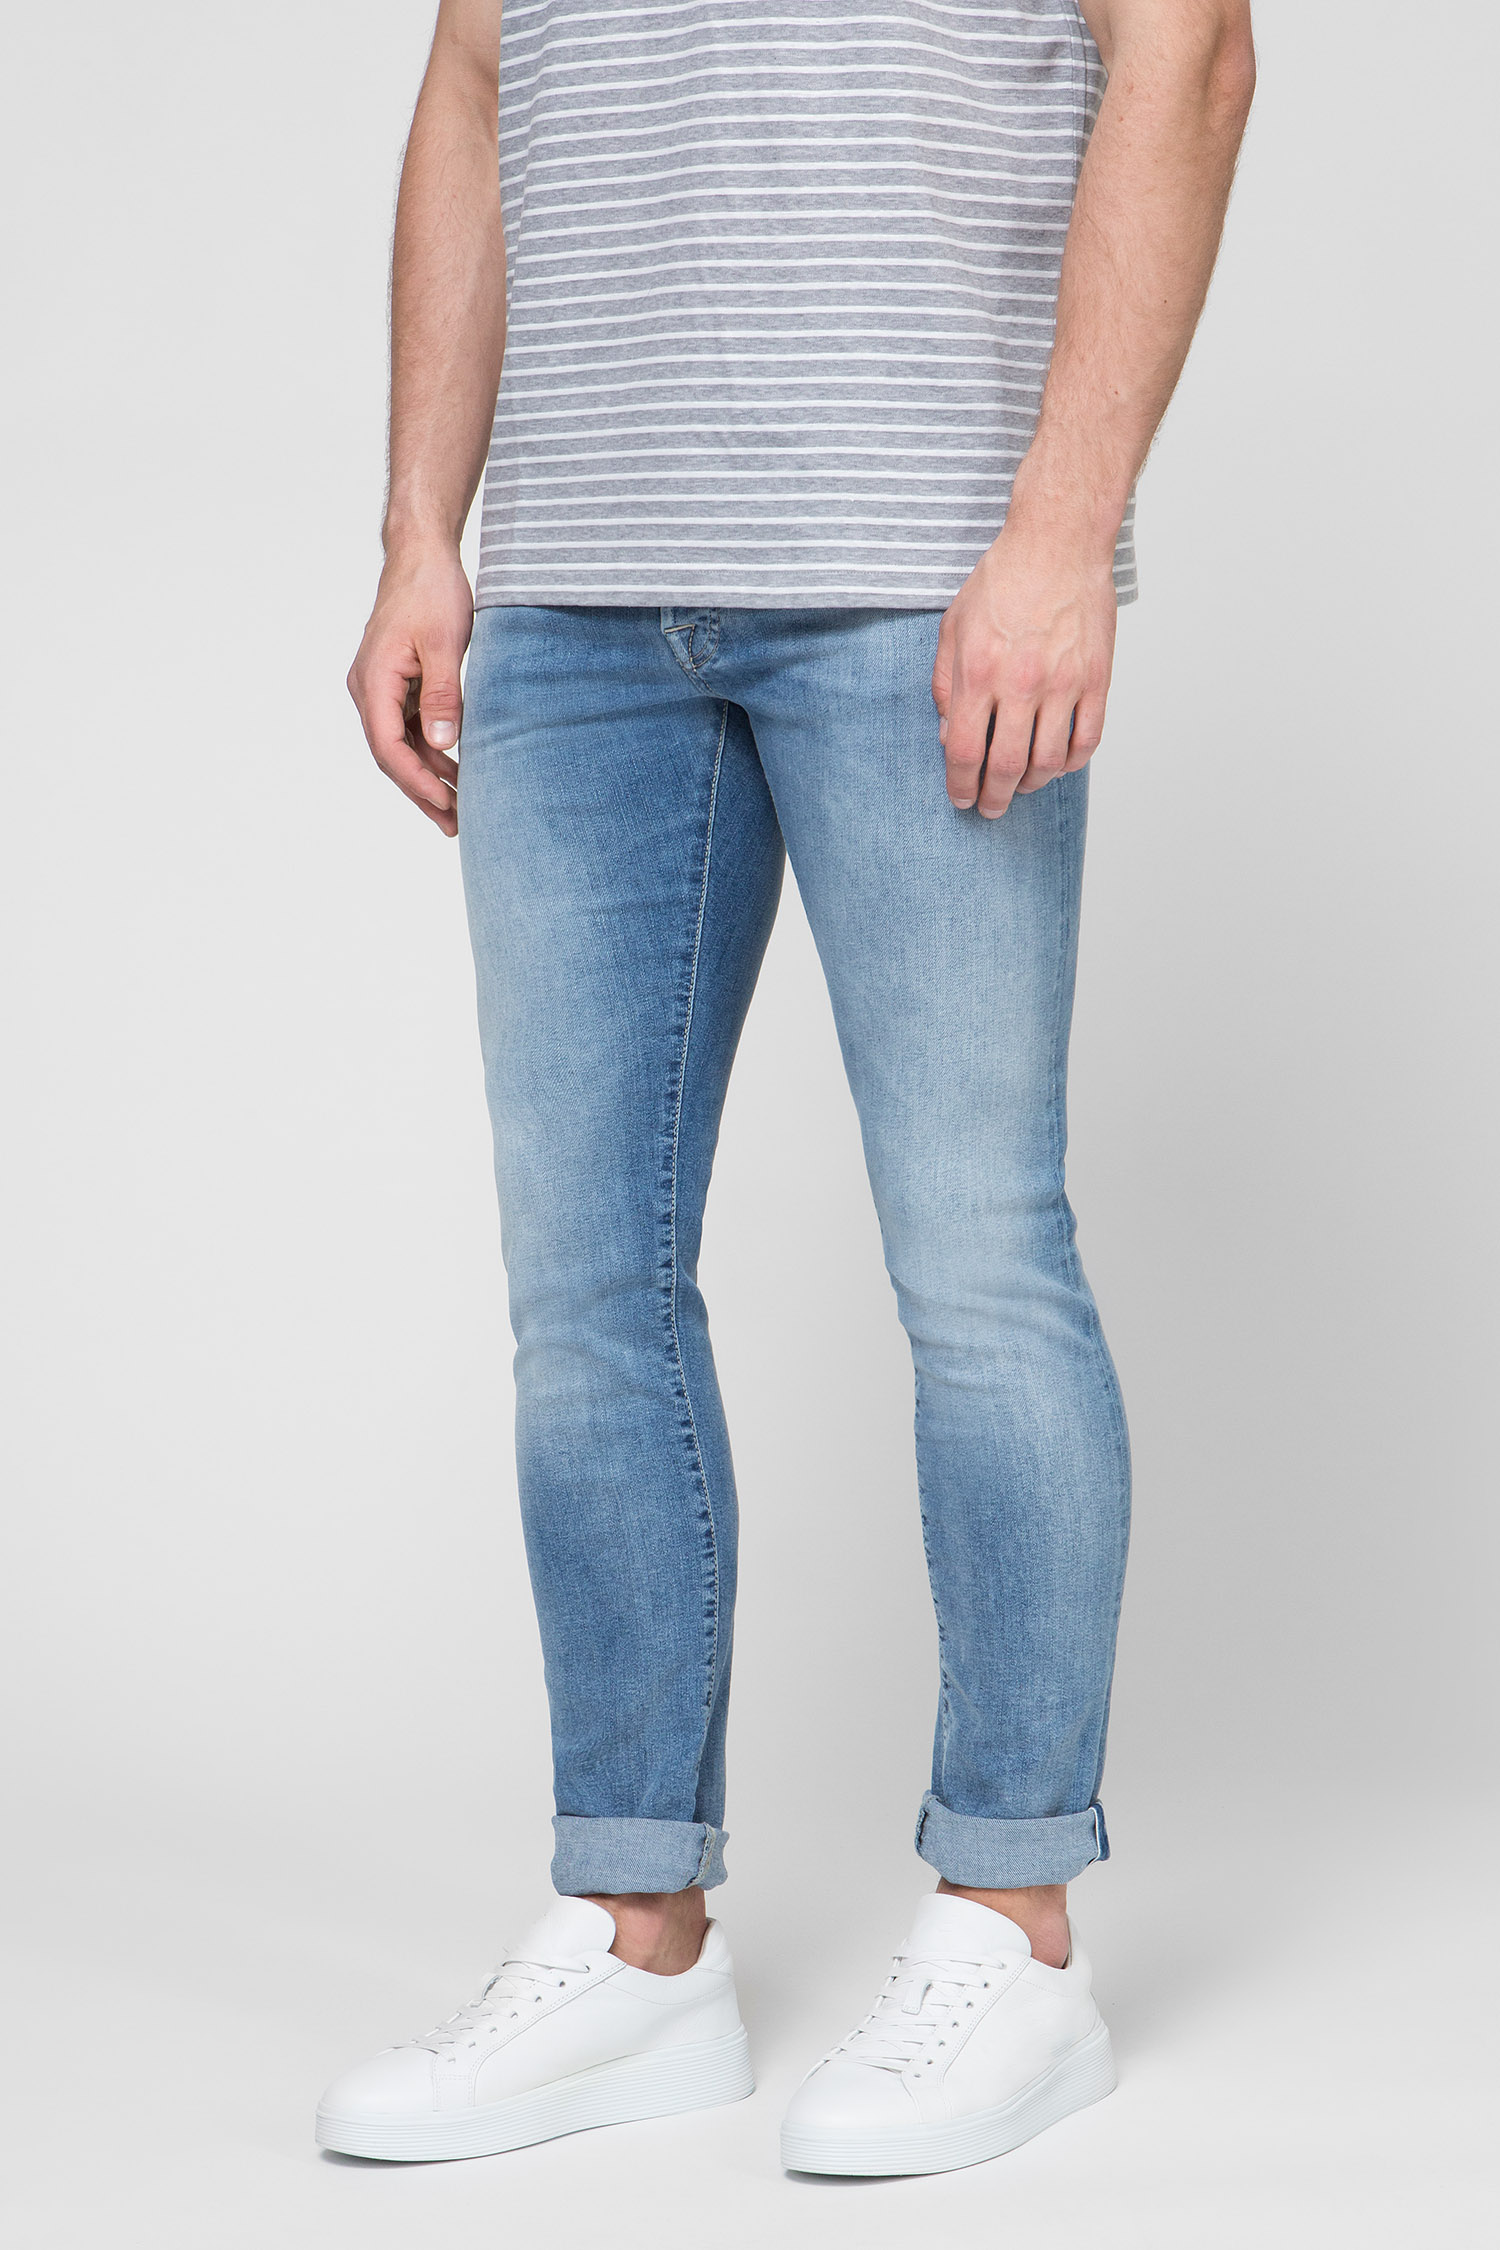 Купить Мужские голубые джинсы Jacob Cohen Jacob Cohen 08792_W3 – Киев, Украина. Цены в интернет магазине MD Fashion